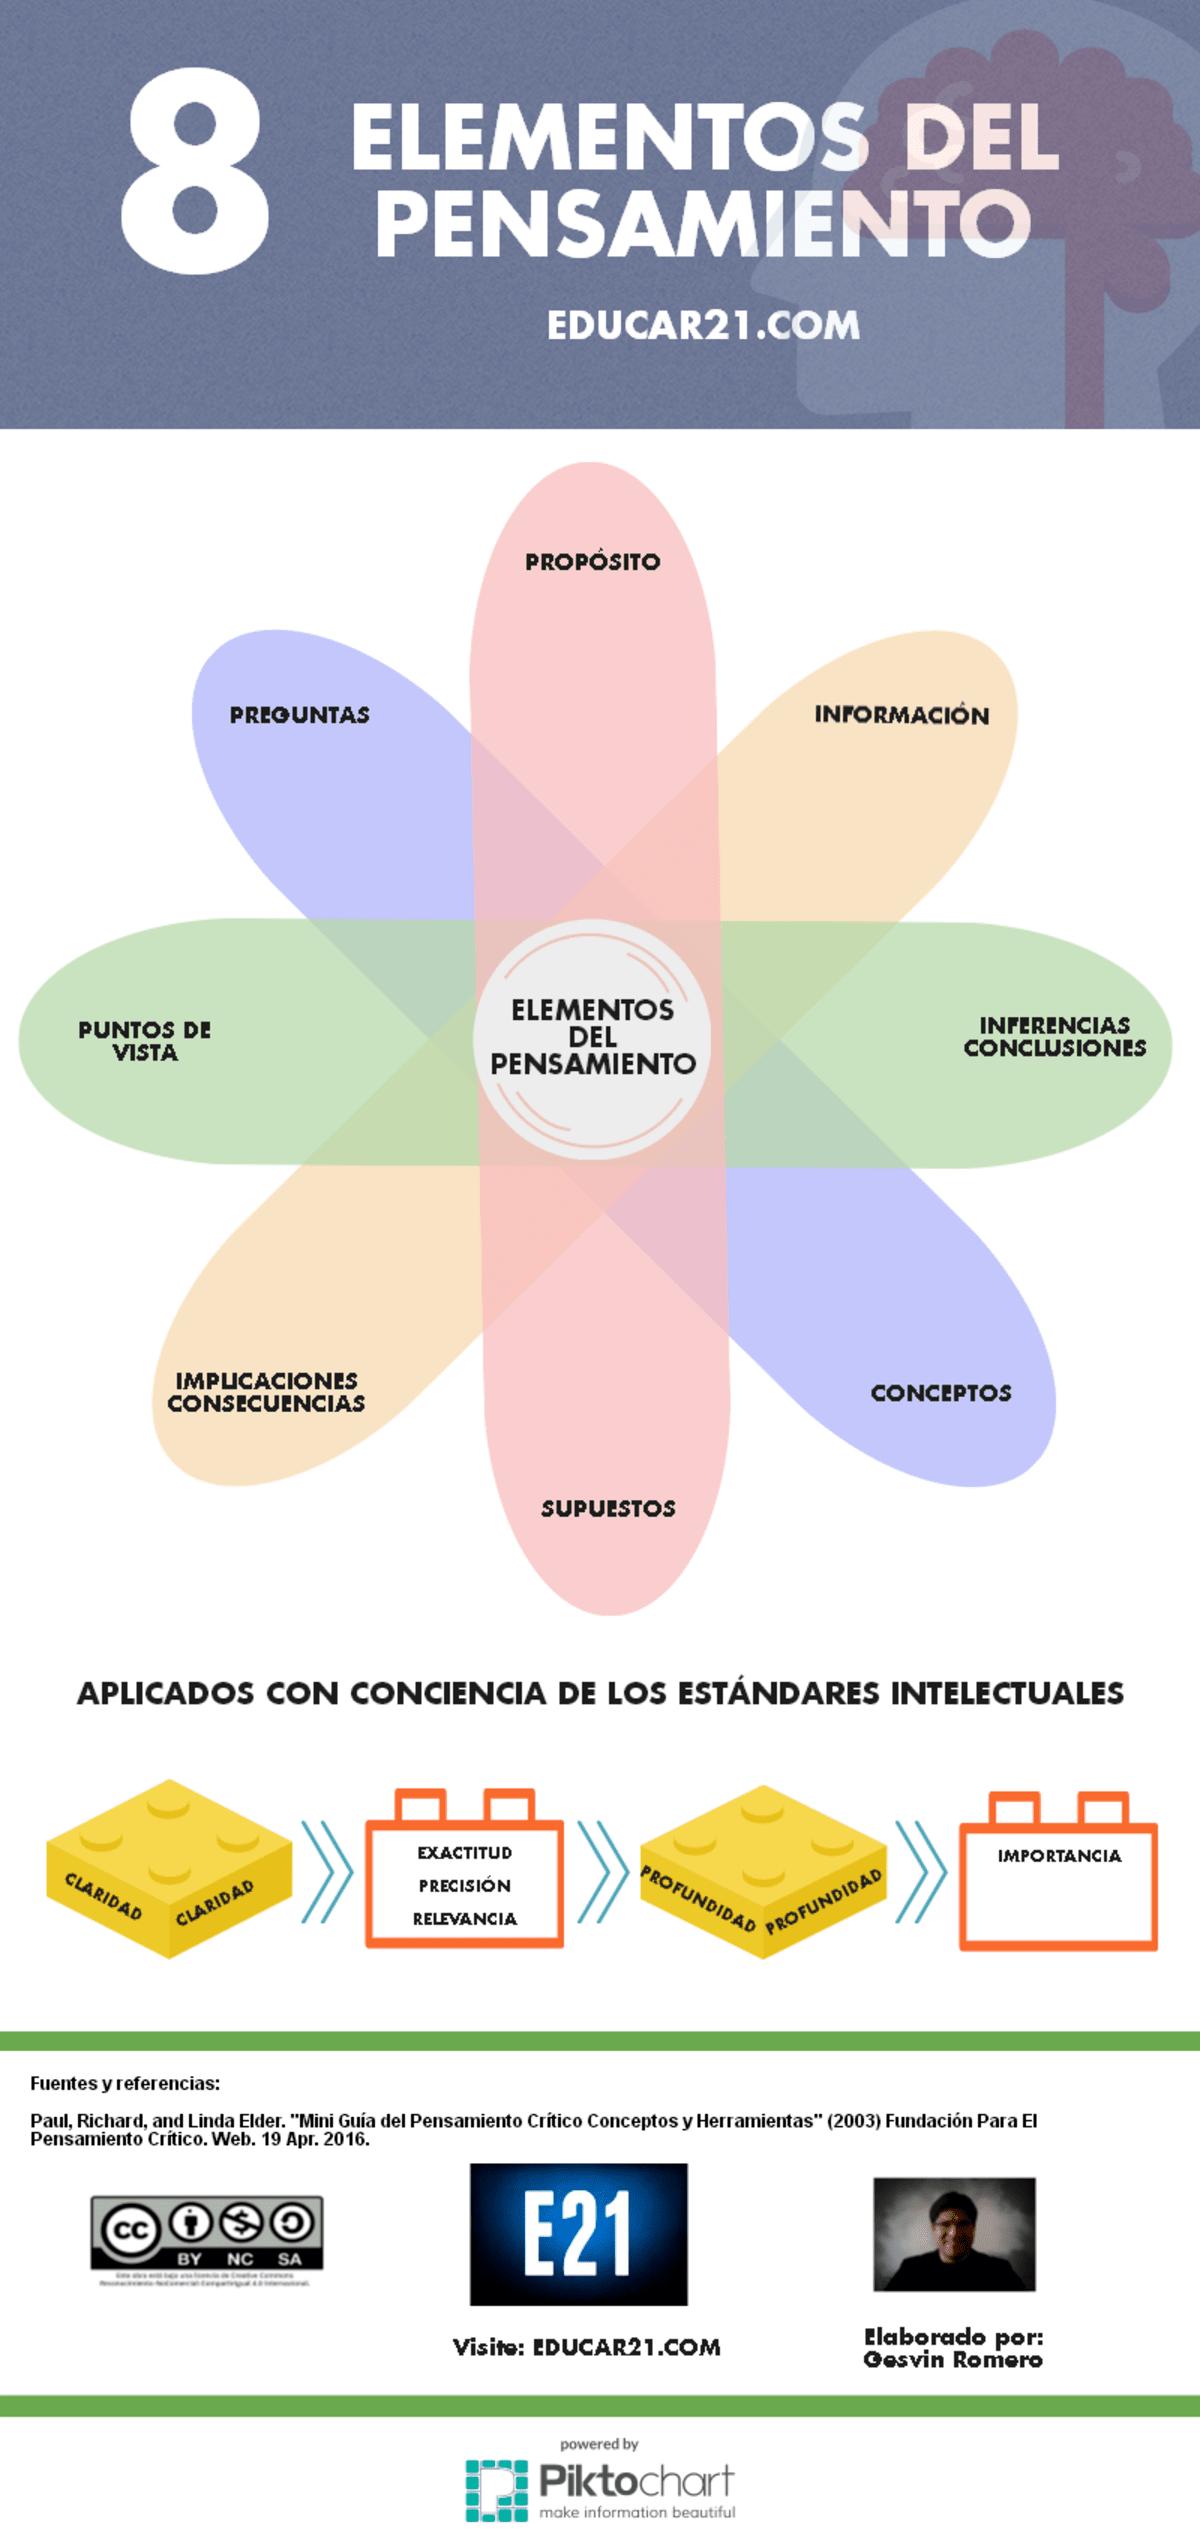 8 Elementos del Pensamiento Aplicados a los Estándares Intelectuales.